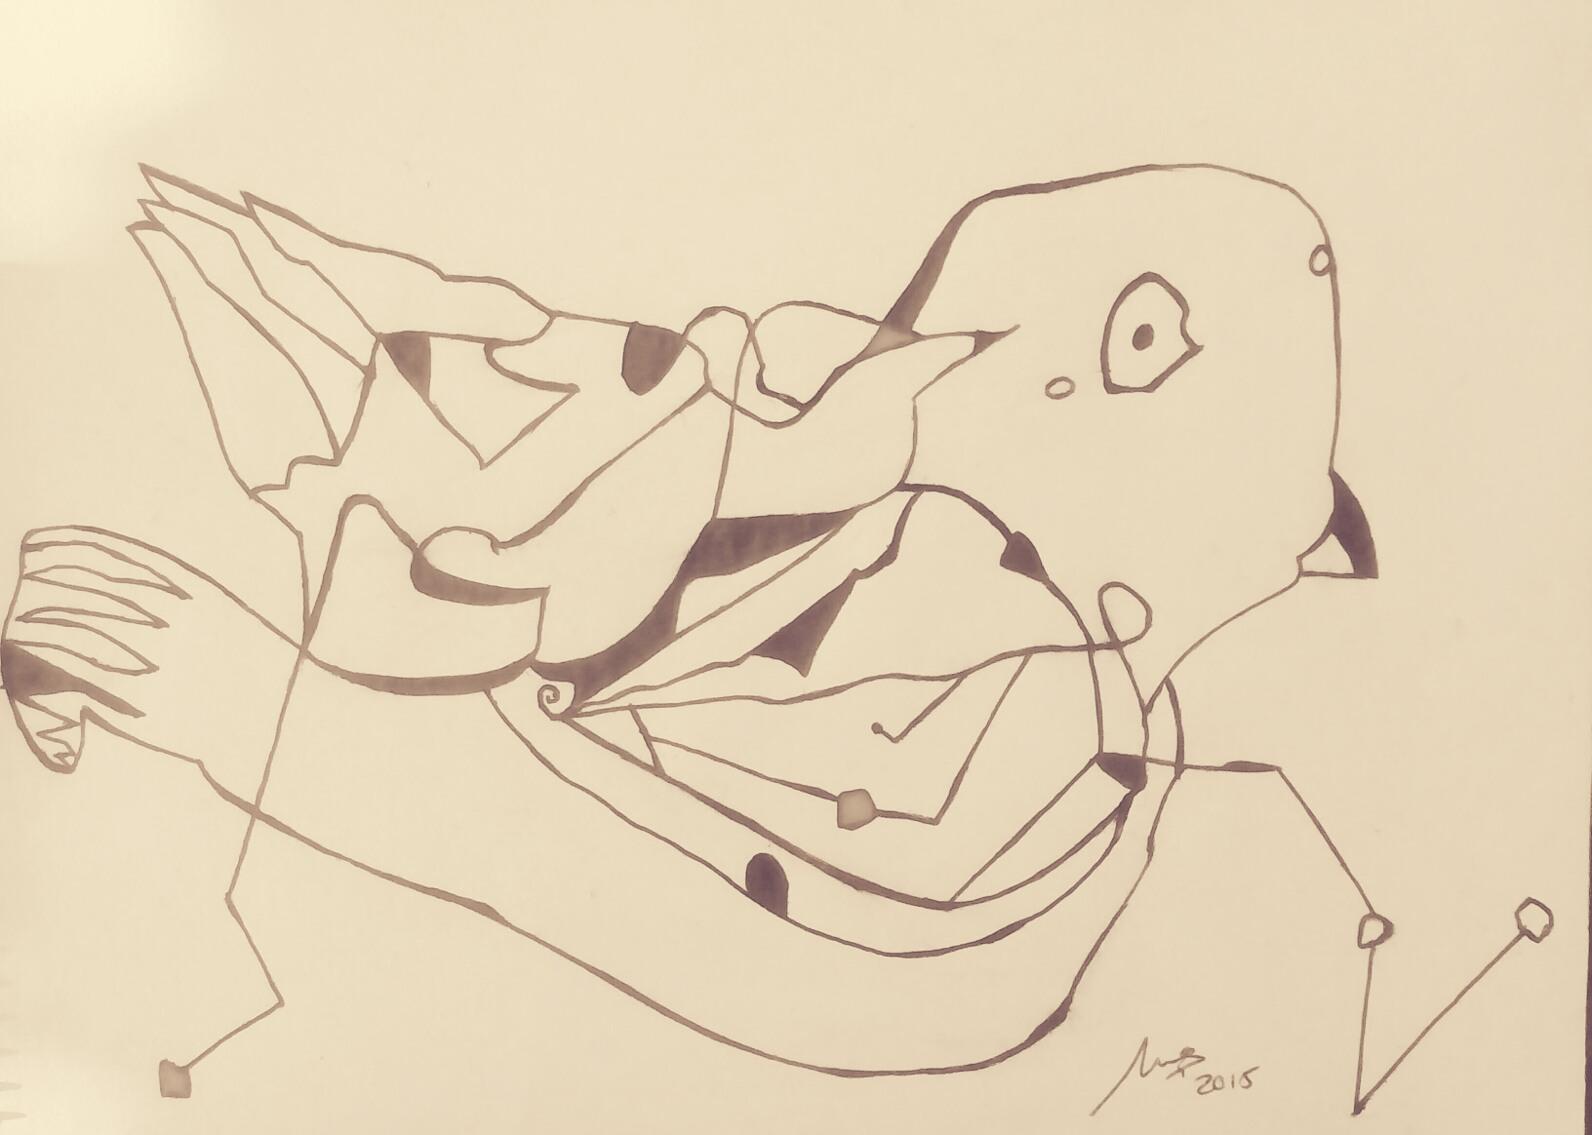 Pájaro - Cuadro en venta Artista Maite Arriaga